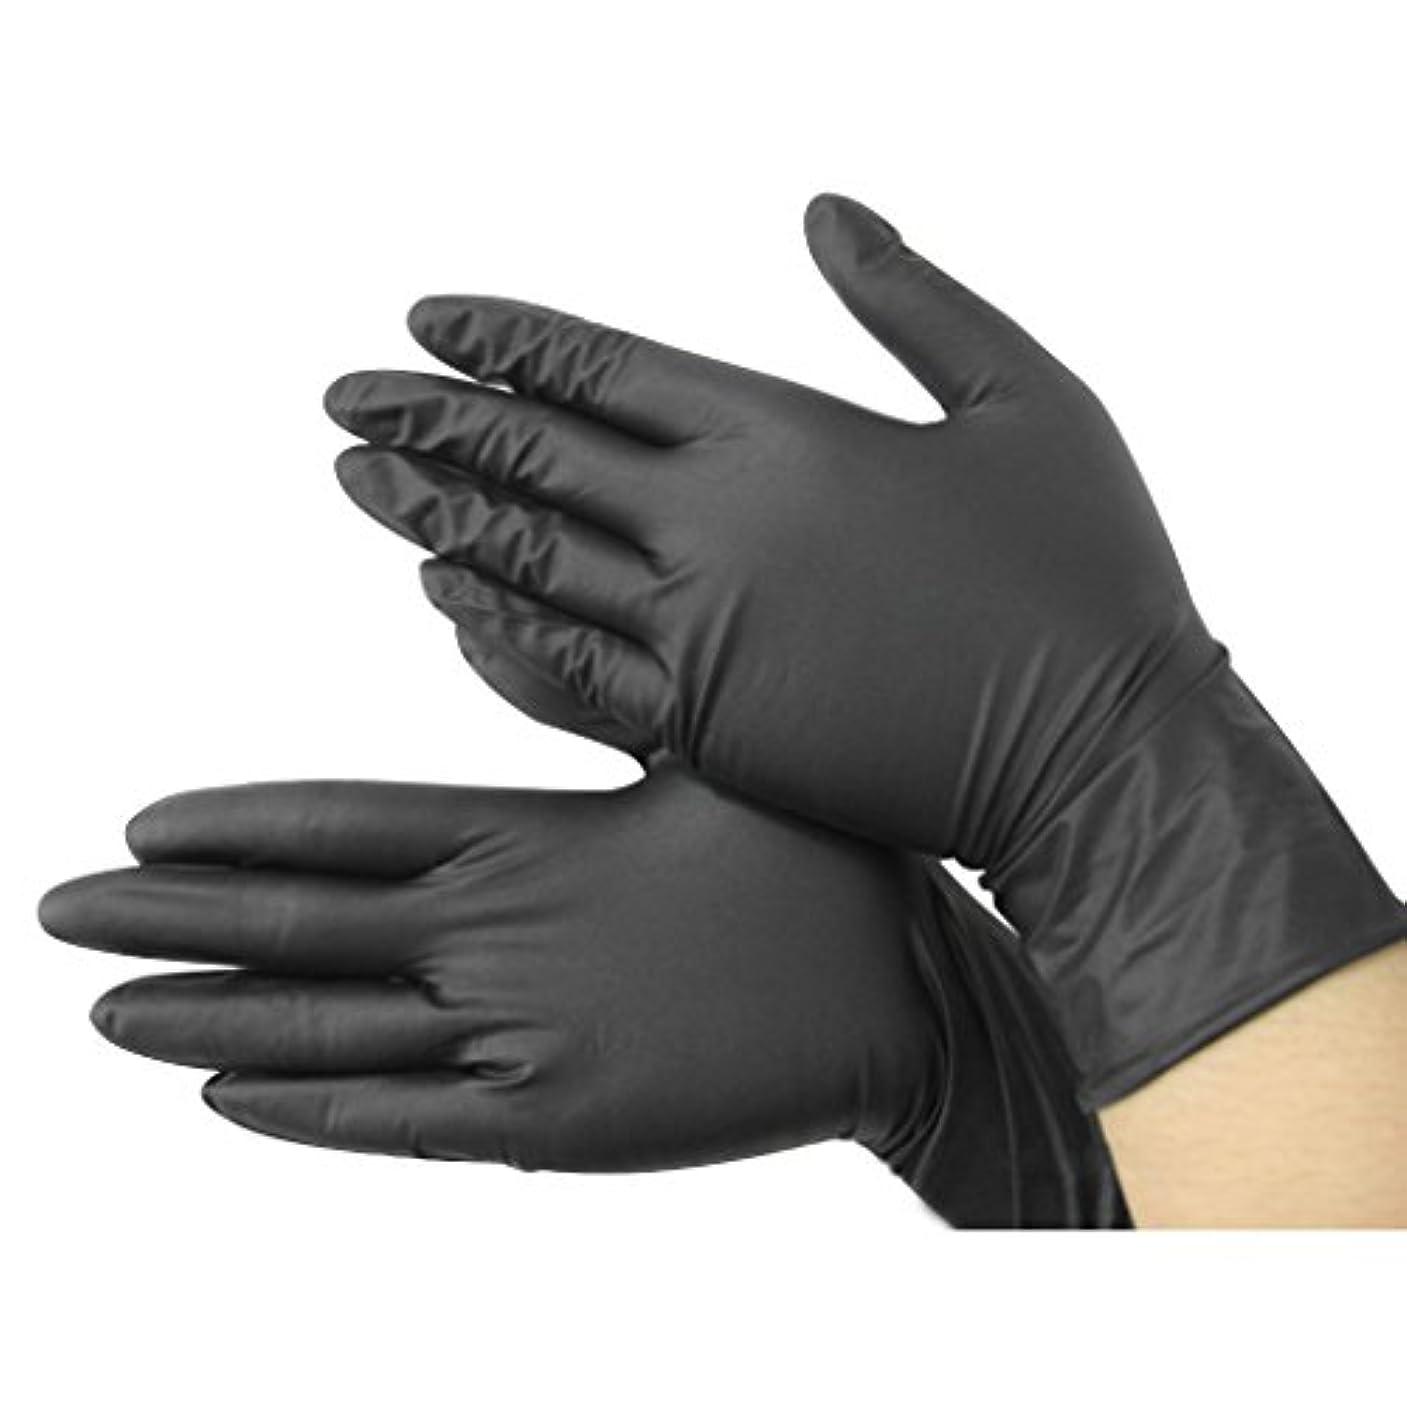 苦しみ十鼻Gaoominy 黒いニトリル使い捨てクール手袋 パワーフリーX100 - 入れ墨 - メカニック 新しい